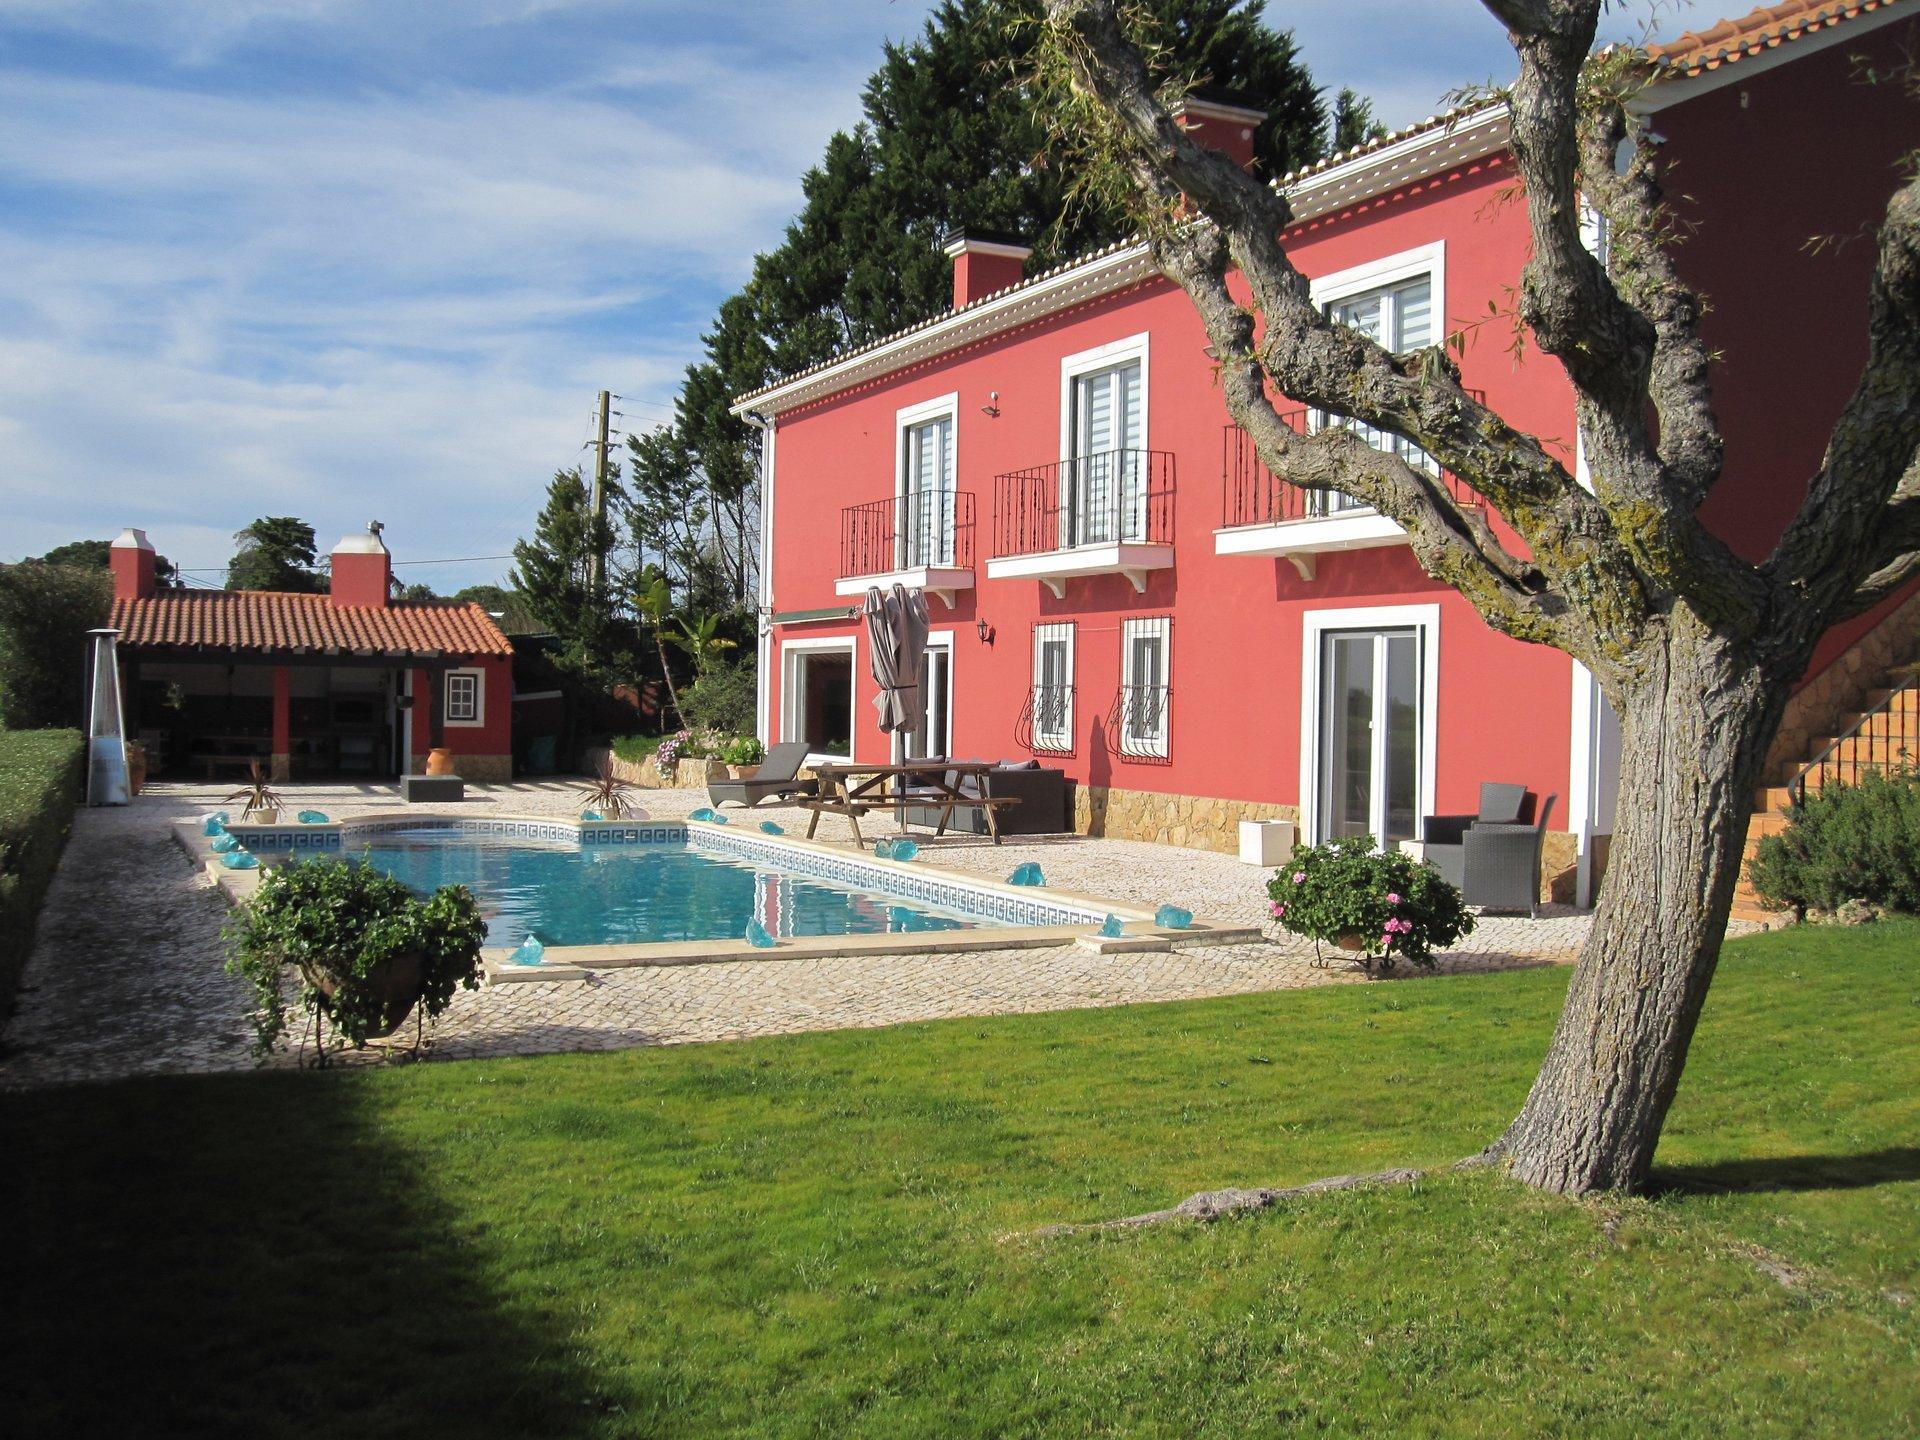 4 Bedroom Villa Cadaval, Silver Coast Ref: AV2111